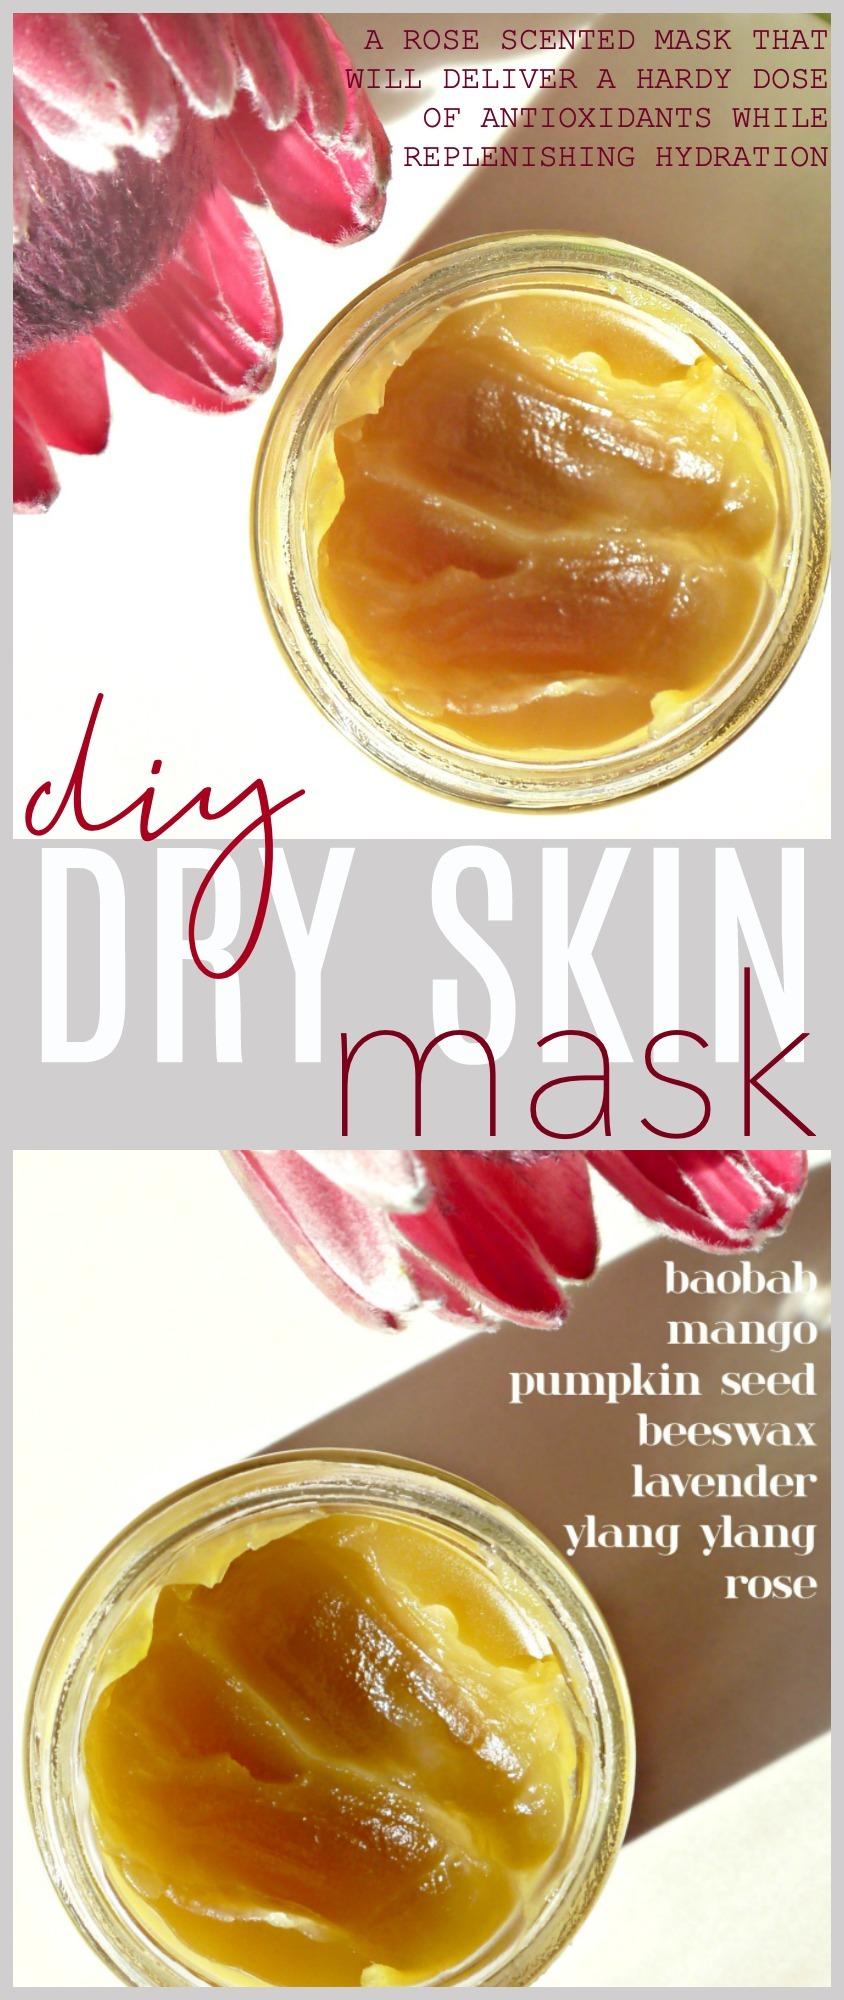 """DIY Maska do suchej skóry """"width ="""" 844 """"height ="""" 2000 """"srcset ="""" https://i0.wp.com/jenniraincloud.com/wp-content/uploads/2020/01/Dry-Skin-Mask-Pinterest. jpg? w = 844 & ssl = 1844w, https://i0.wp.com/jenniraincloud.com/wp-content/uploads/2020/01/Dry-Skin-Mask-Pinterest.jpg?resize=300%2C711&ssl=1 300w, https://i0.wp.com/jenniraincloud.com/wp-content/uploads/2020/01/Dry-Skin-Mask-Pinterest.jpg?resize=800%2C1896&ssl=1 800w """"rozmiary ="""" (maks. -width: 844px) 100vw, 844px """"data-jpibfi-post-excerpt ="""" """"data-jpibfi-post-url ="""" https://jenniraincloud.com/diy-dry-skin-mask/ """"data-jpibfi-post -title = """"Maska suchej skóry DIY"""" data-jpibfi-src = """"https://i0.wp.com/jenniraincloud.com/wp-content/uploads/2020/01/Dry-Skin-Mask-Pinterest.jpg? resize = 844% 2C2000 & ssl = 1 """"data-recalc-dims ="""" 1 """"/></p> </div>          </div>          <footer>             <!-- post pagination -->            <!-- review -->             <div class="""